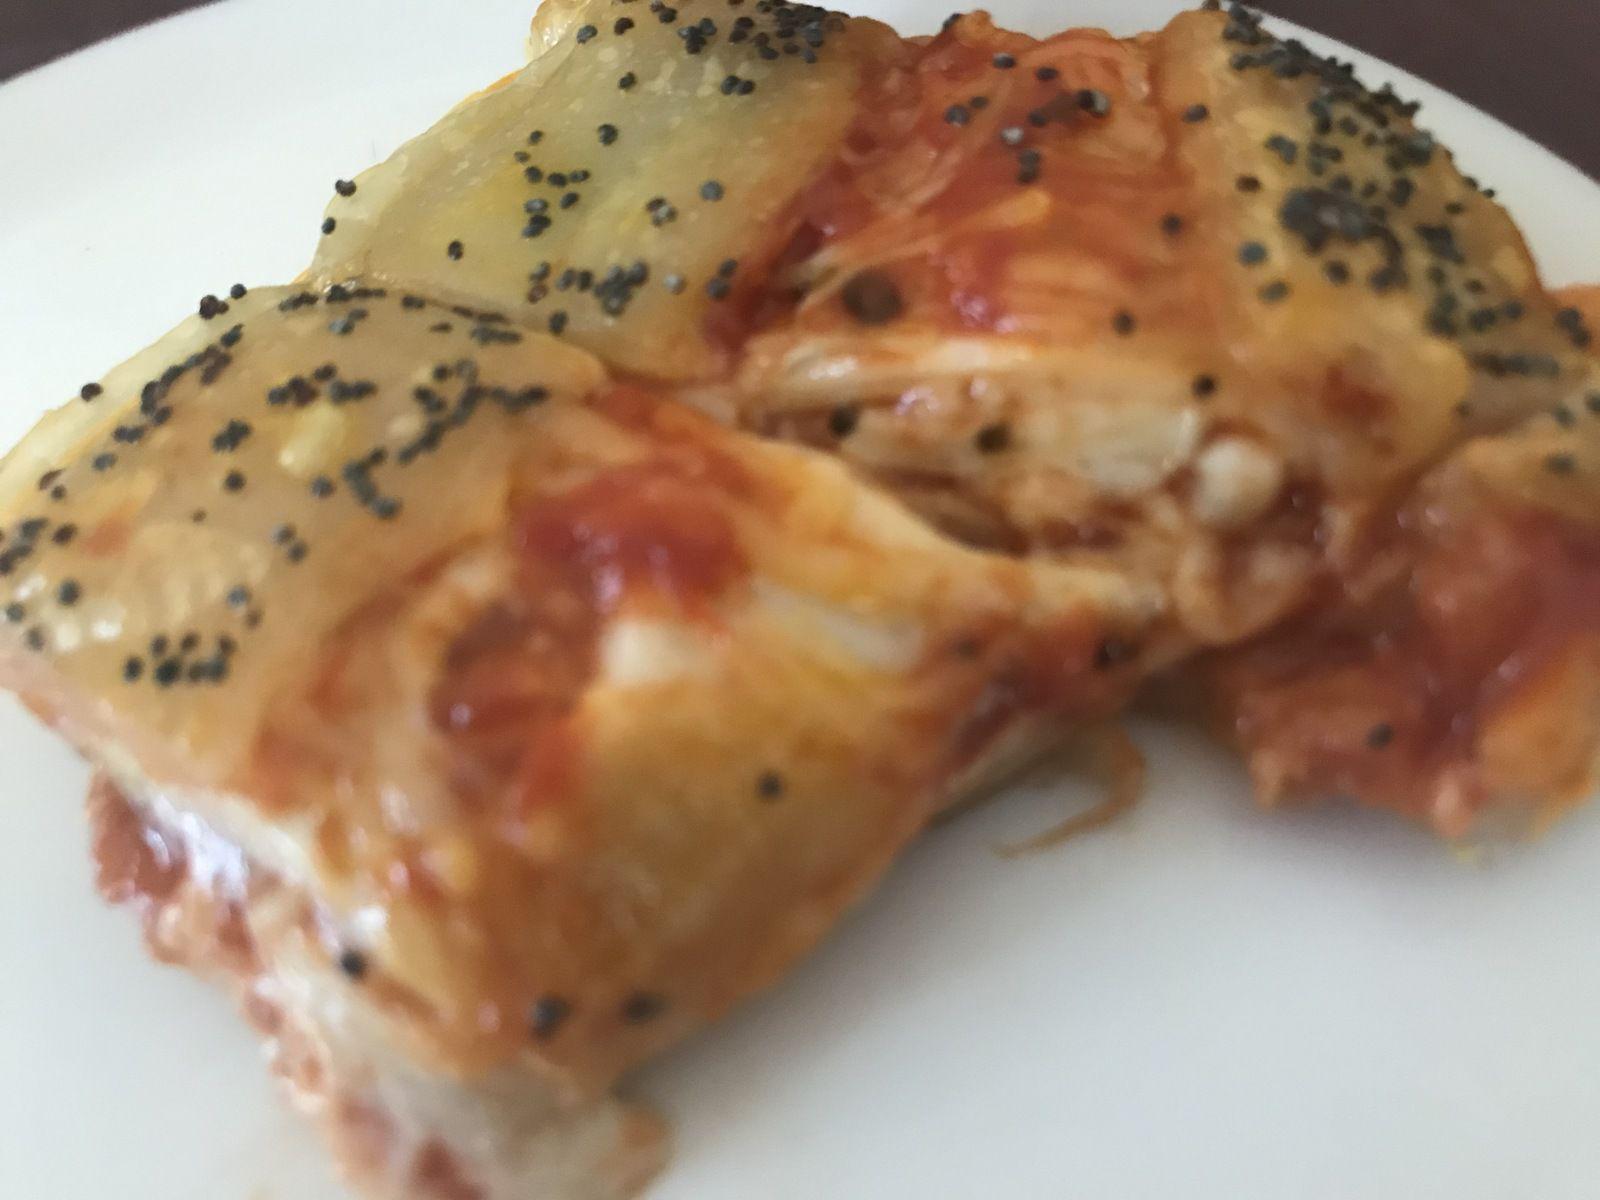 Feuilletés au jambon , tomate, mozzarella, emmental et pavot bleu